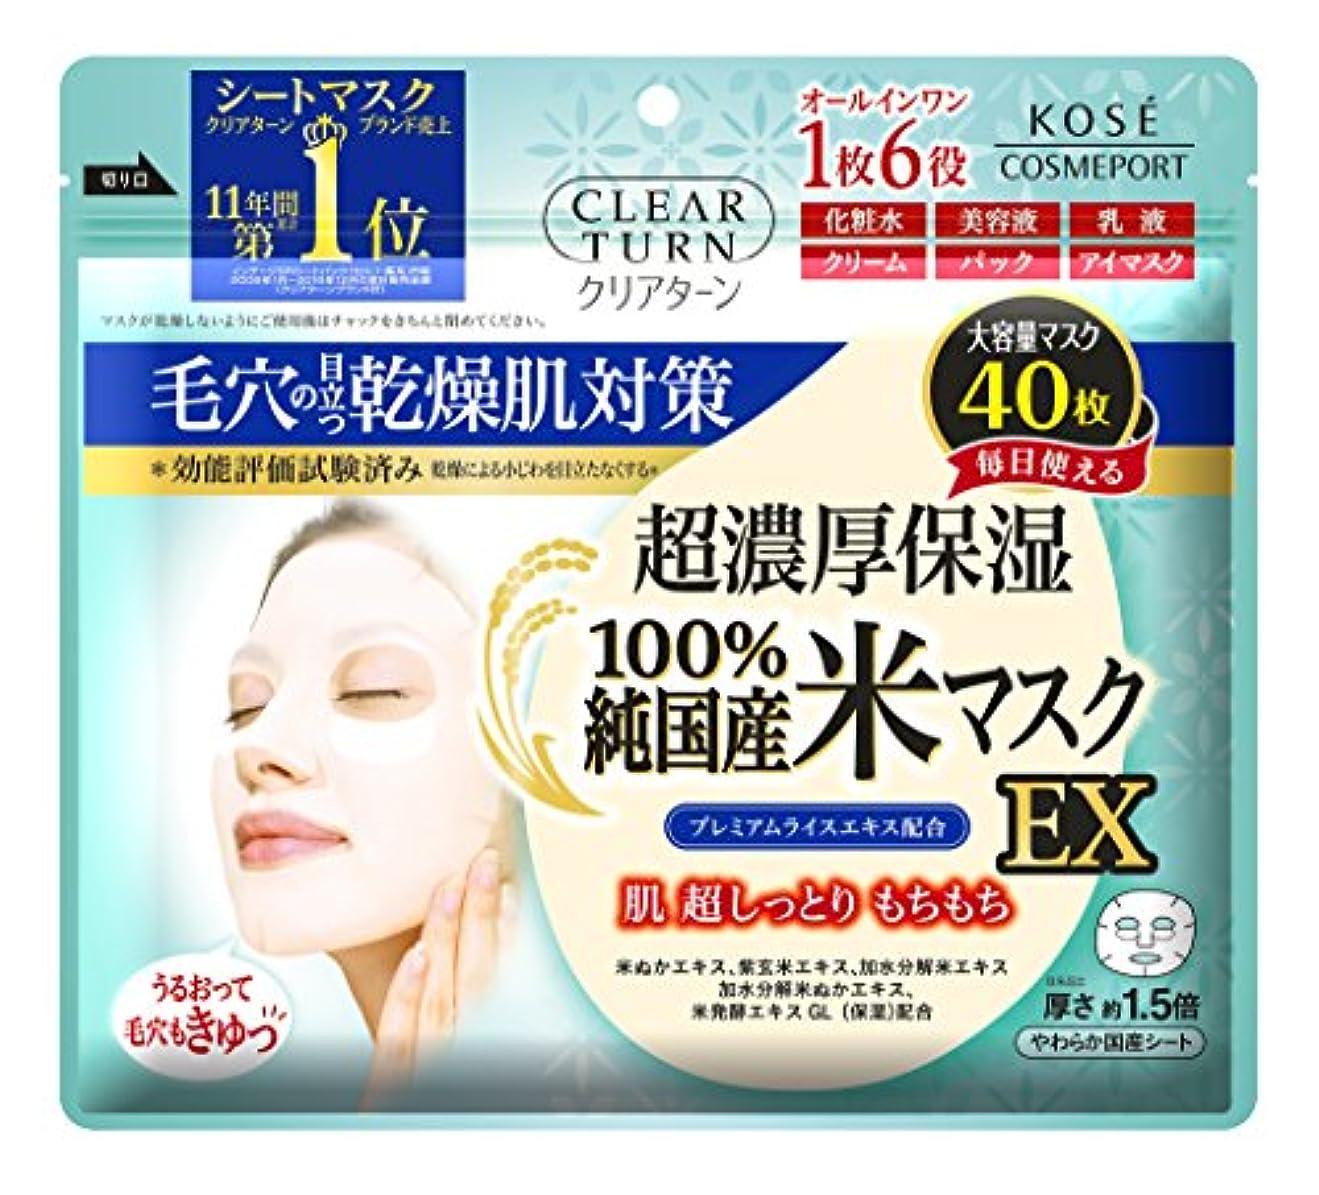 溶けた欠点レシピKOSE コーセー クリアターン 純国産米 マスク EX 40枚 フェイスマスク